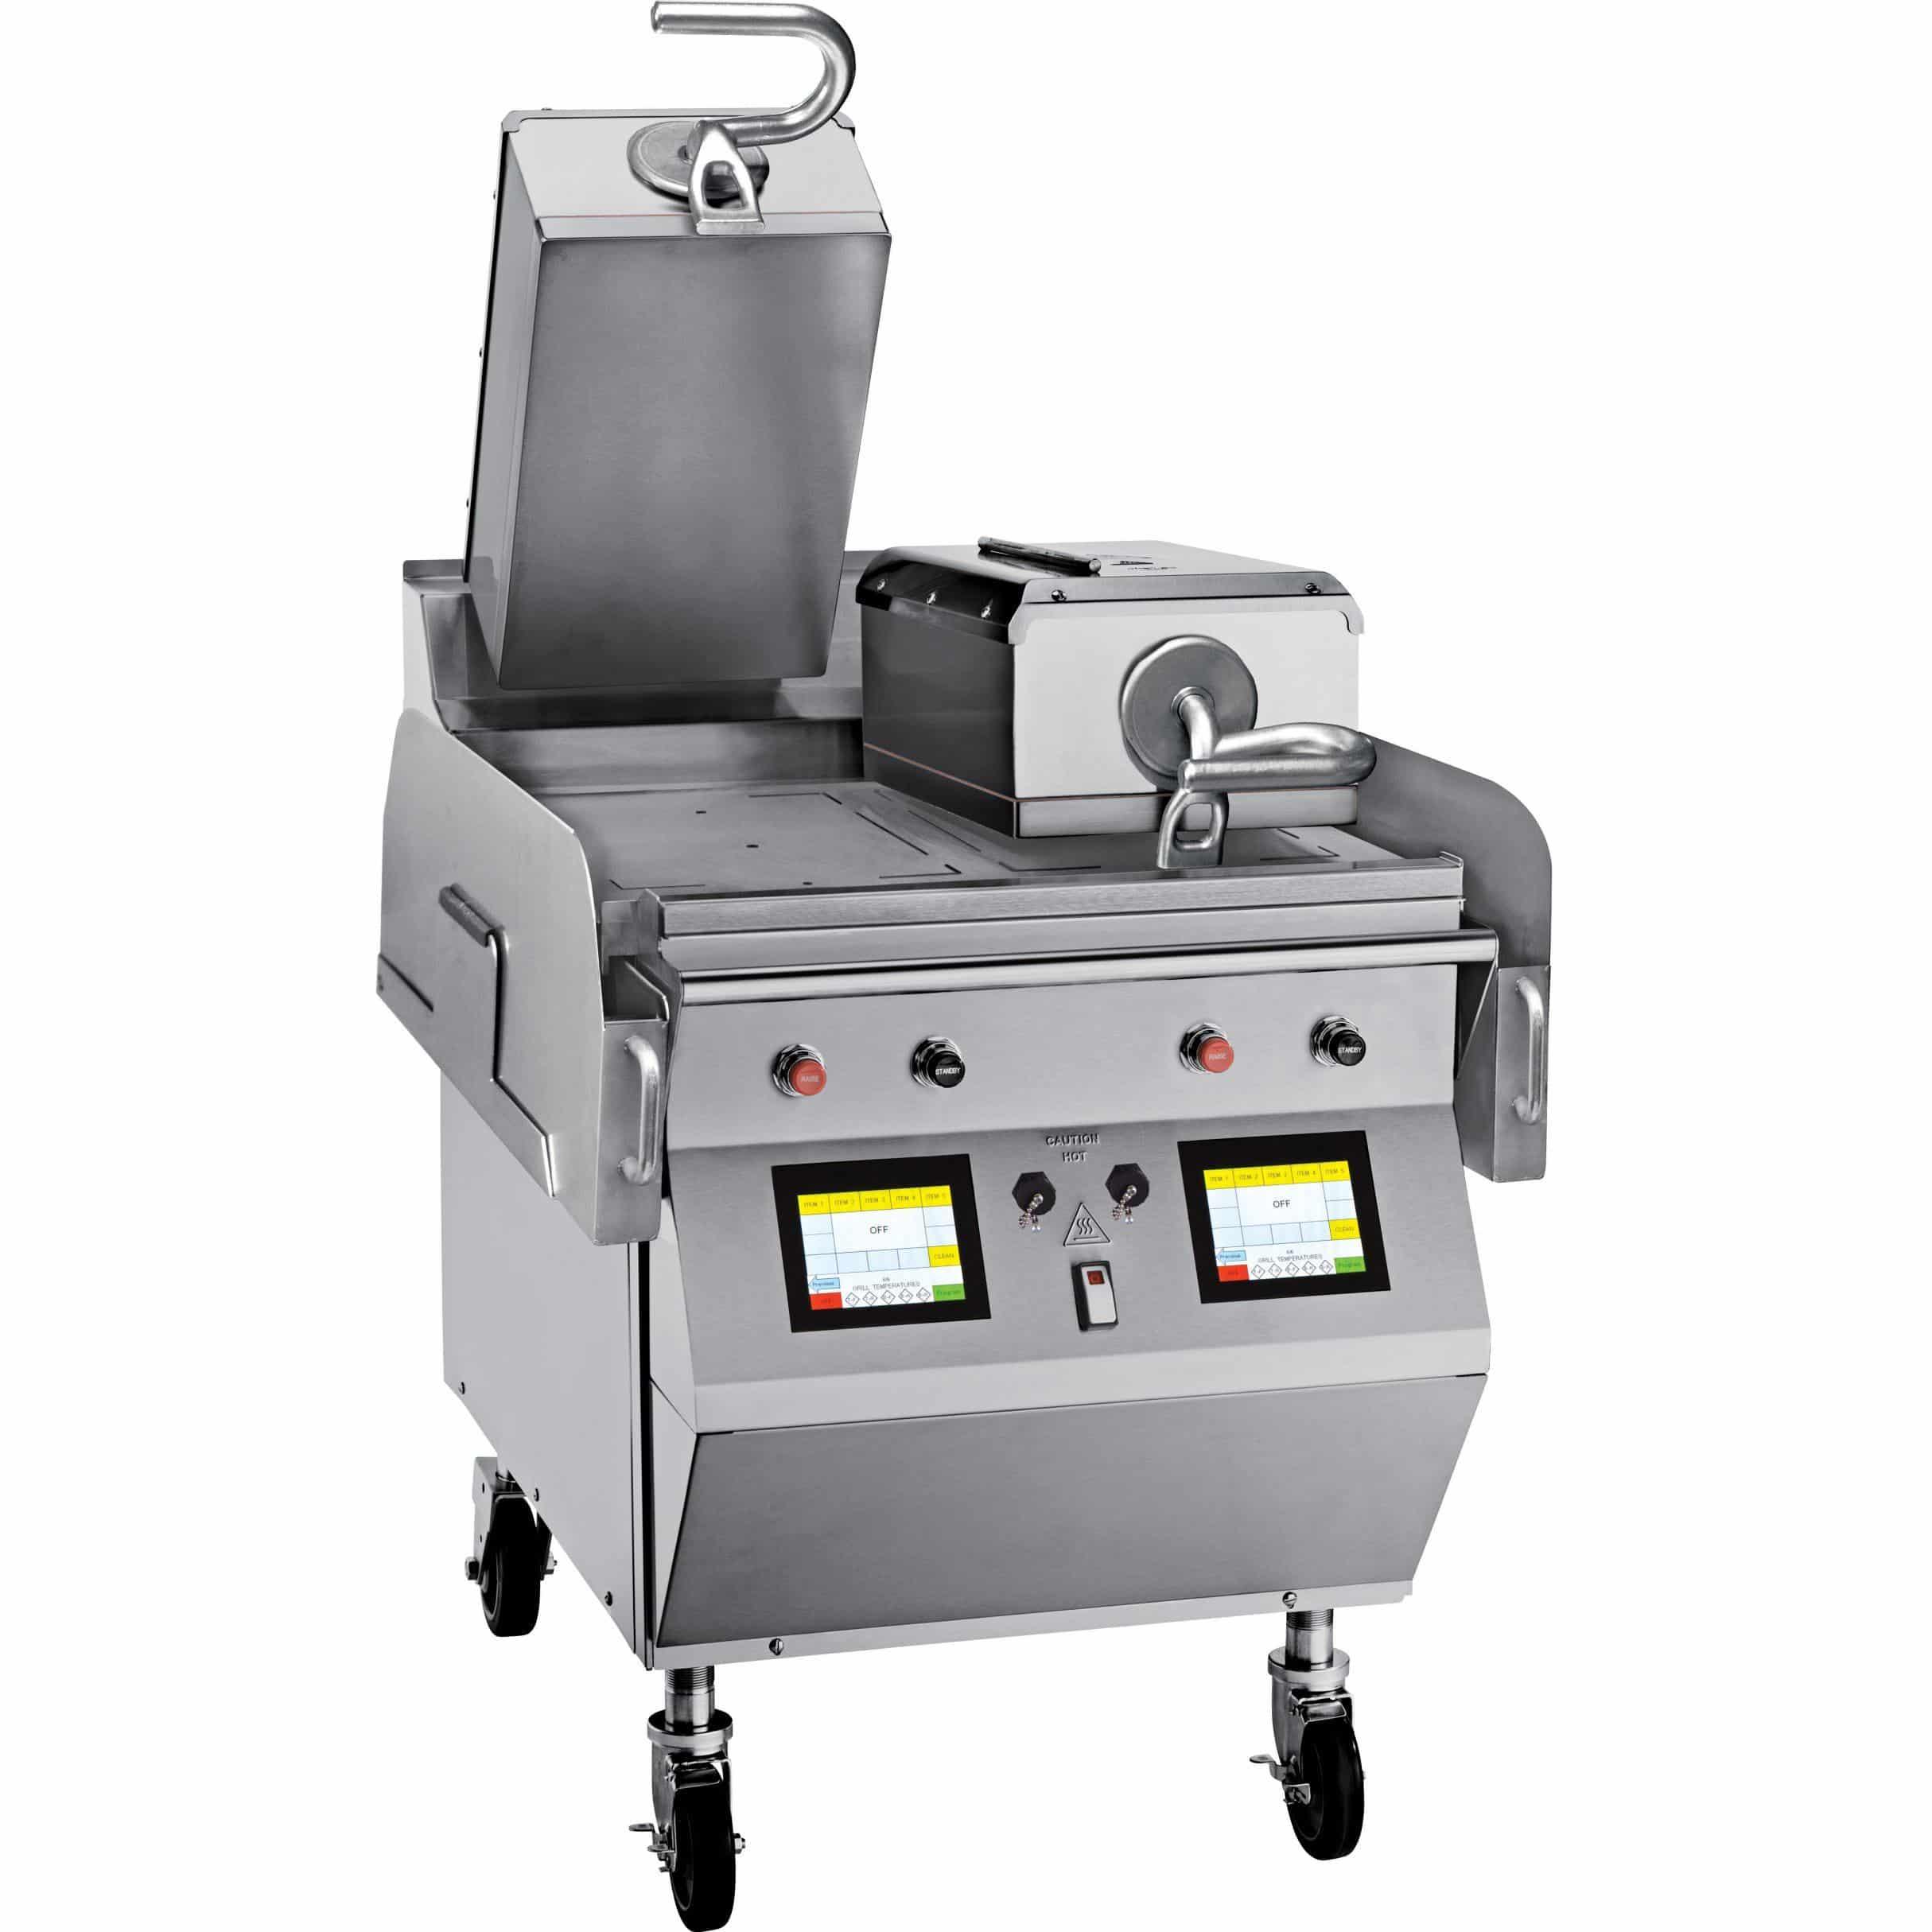 Taylor Crown series grills